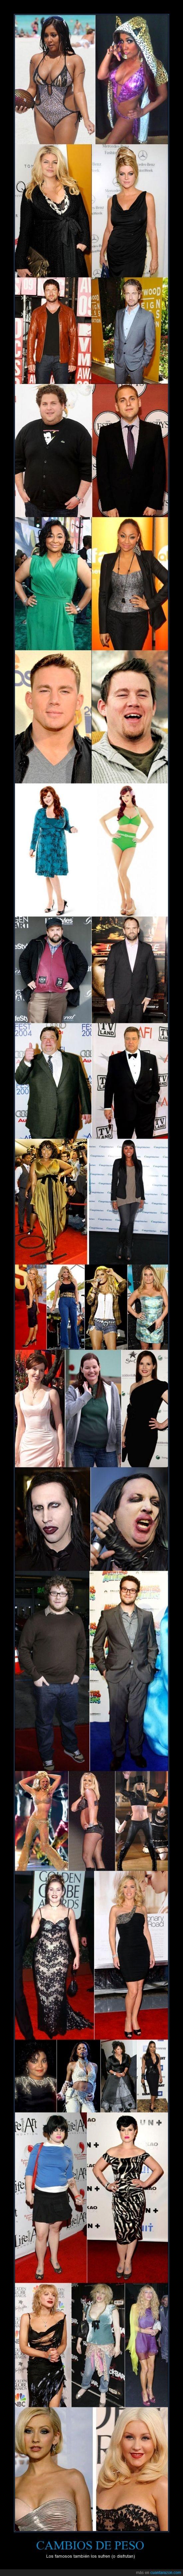 adelgazar,antes,christina aguilera,delgada,delgado,despues,engordar,gorda,gordo,peso,seth rogen